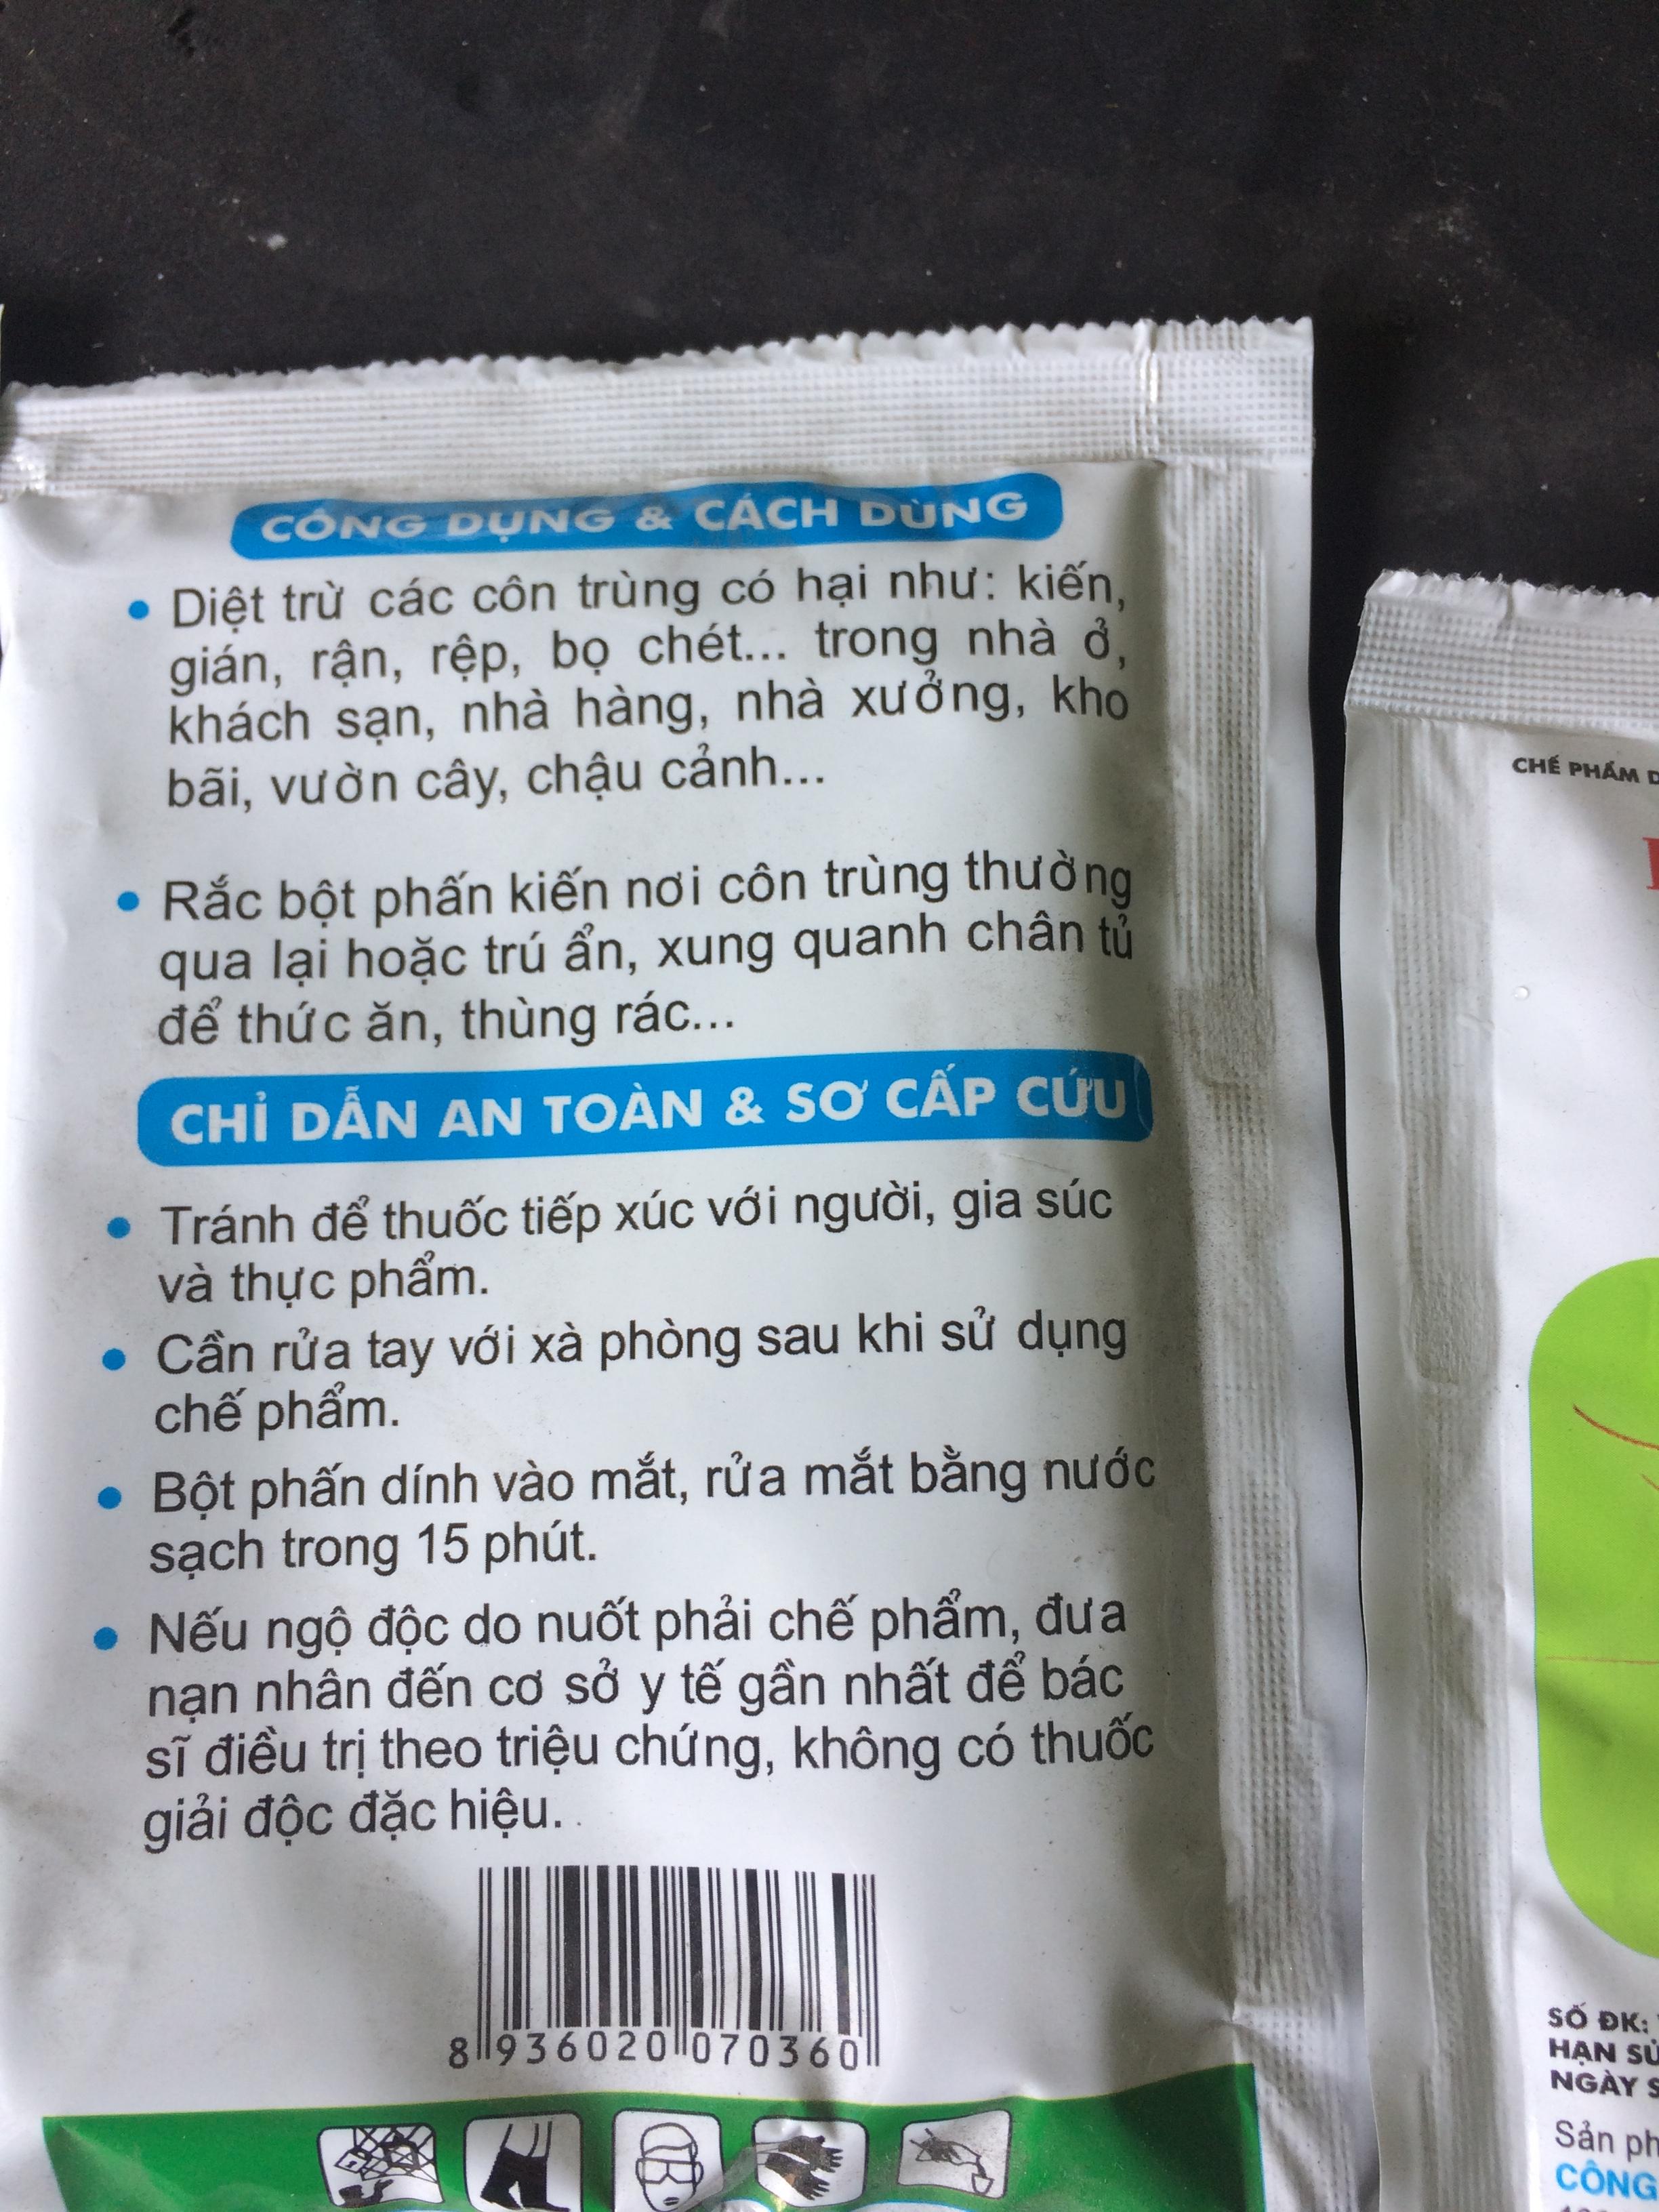 Mat Sau Phan Diet Kien, Con Trung ViPesCo